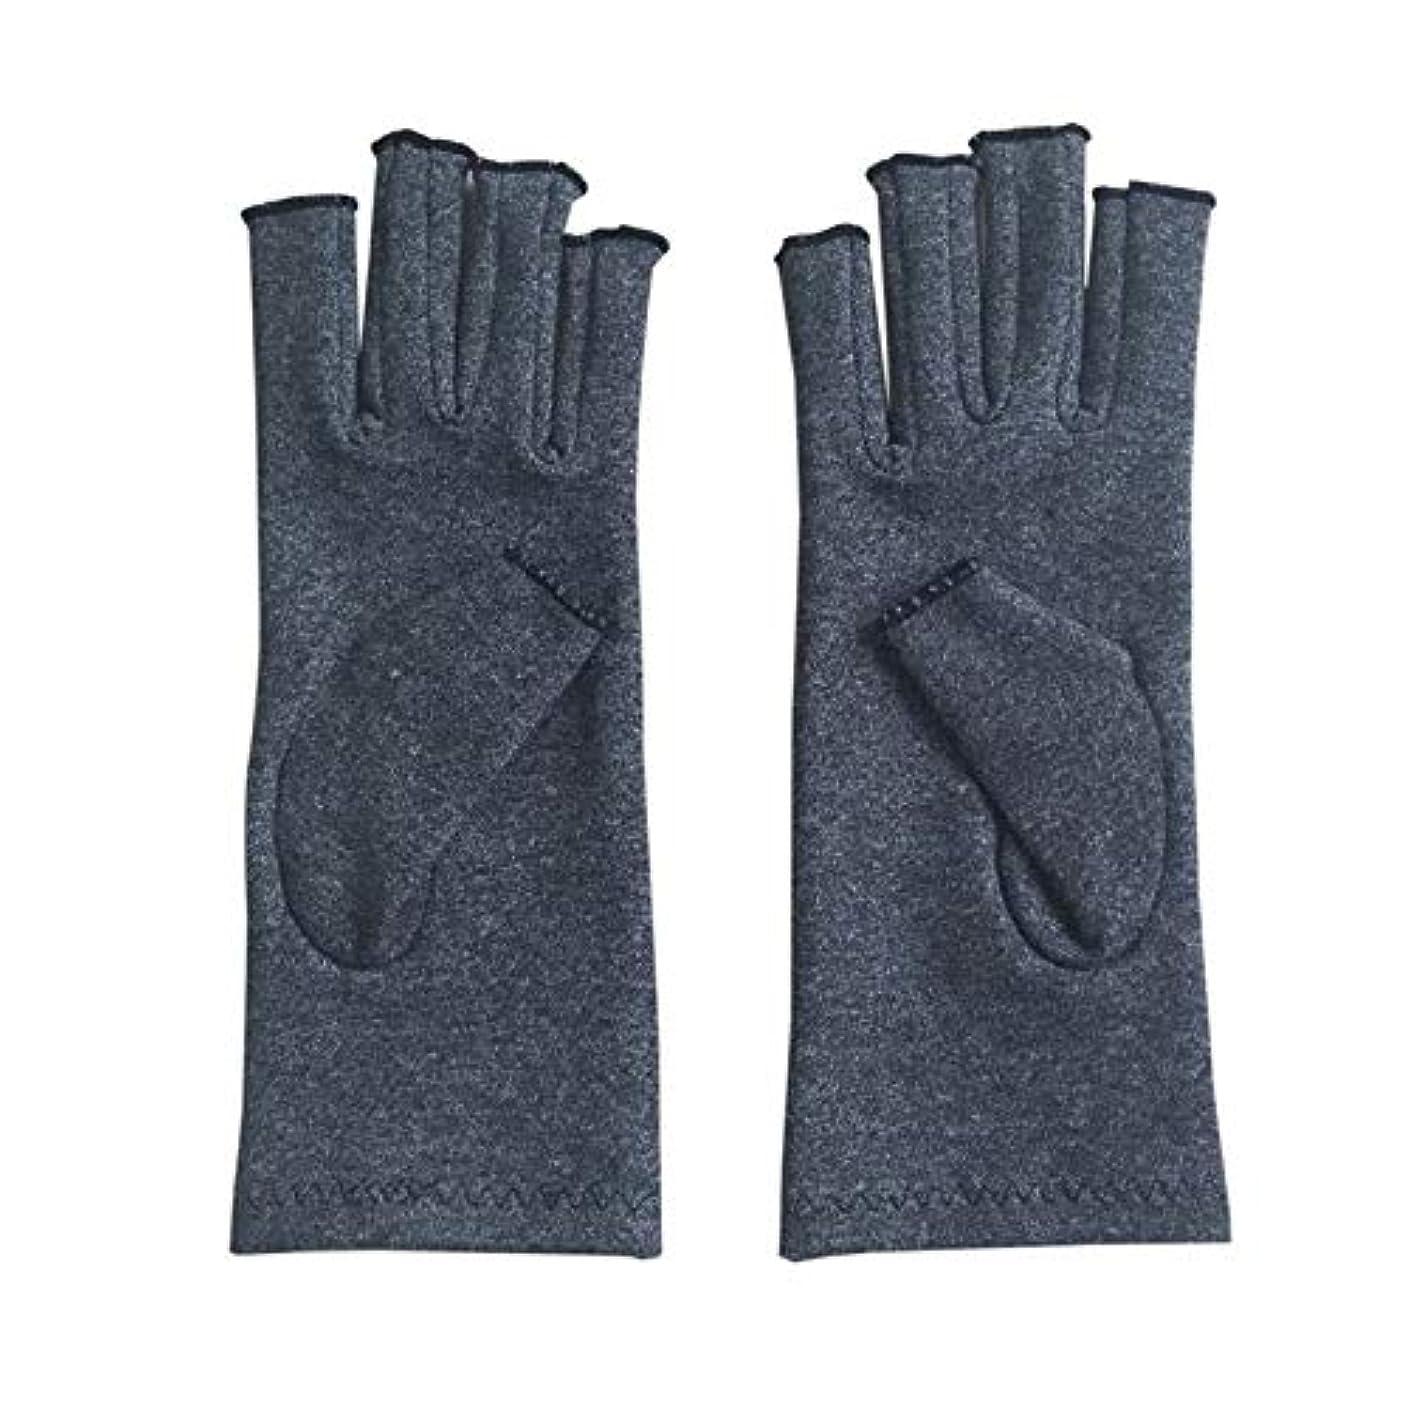 ヘビ死すべき戻すペア/セット快適な男性女性療法圧縮手袋無地通気性関節炎関節痛緩和手袋 - グレーM